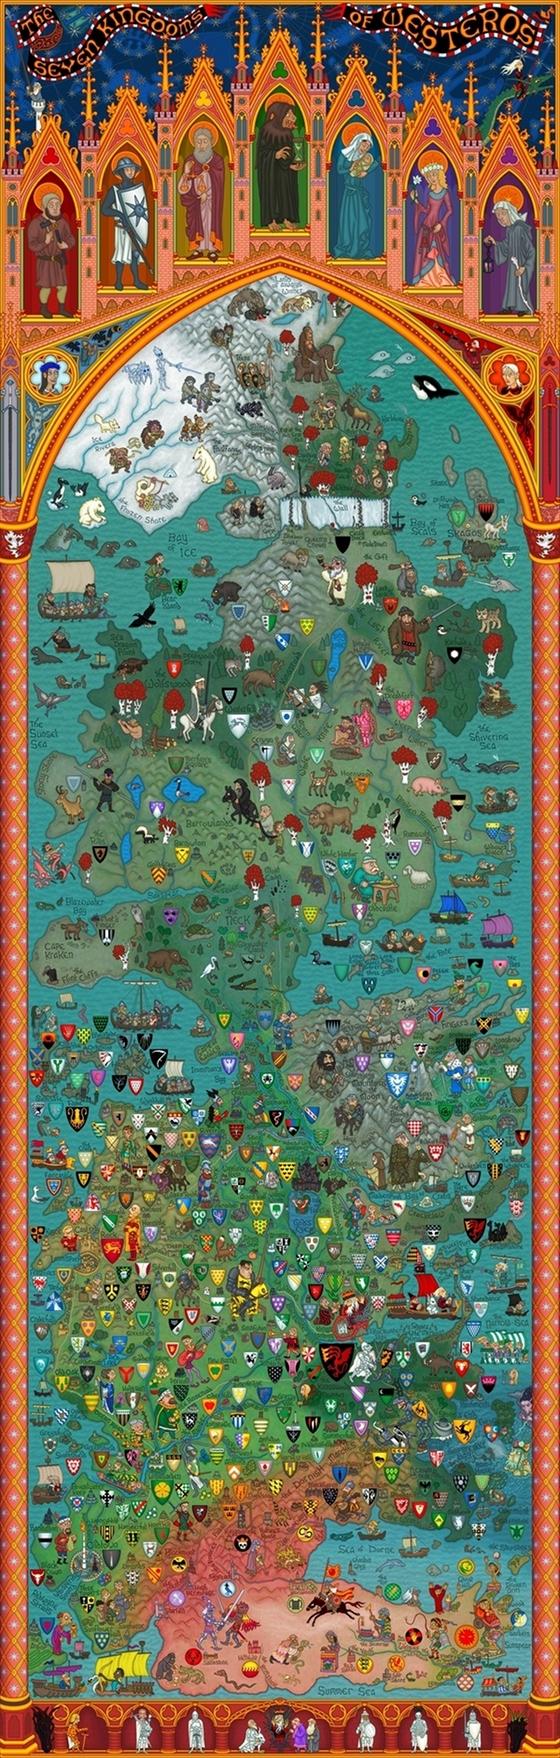 westerosmap.jpg